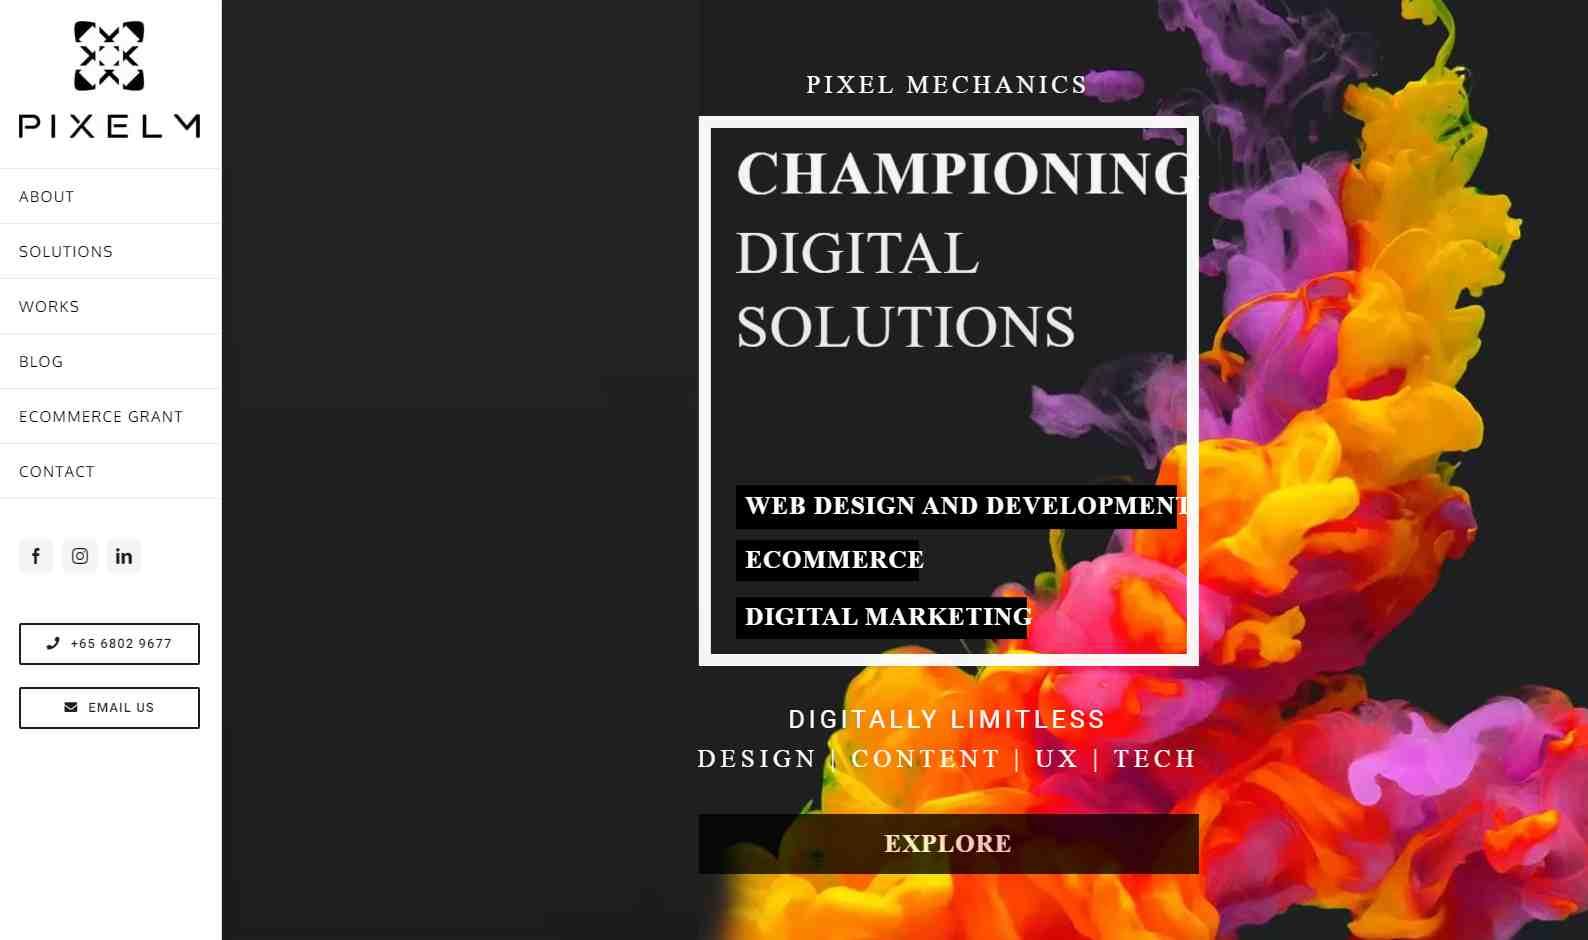 pixel M Top Digitalization Service Providers in Singapore